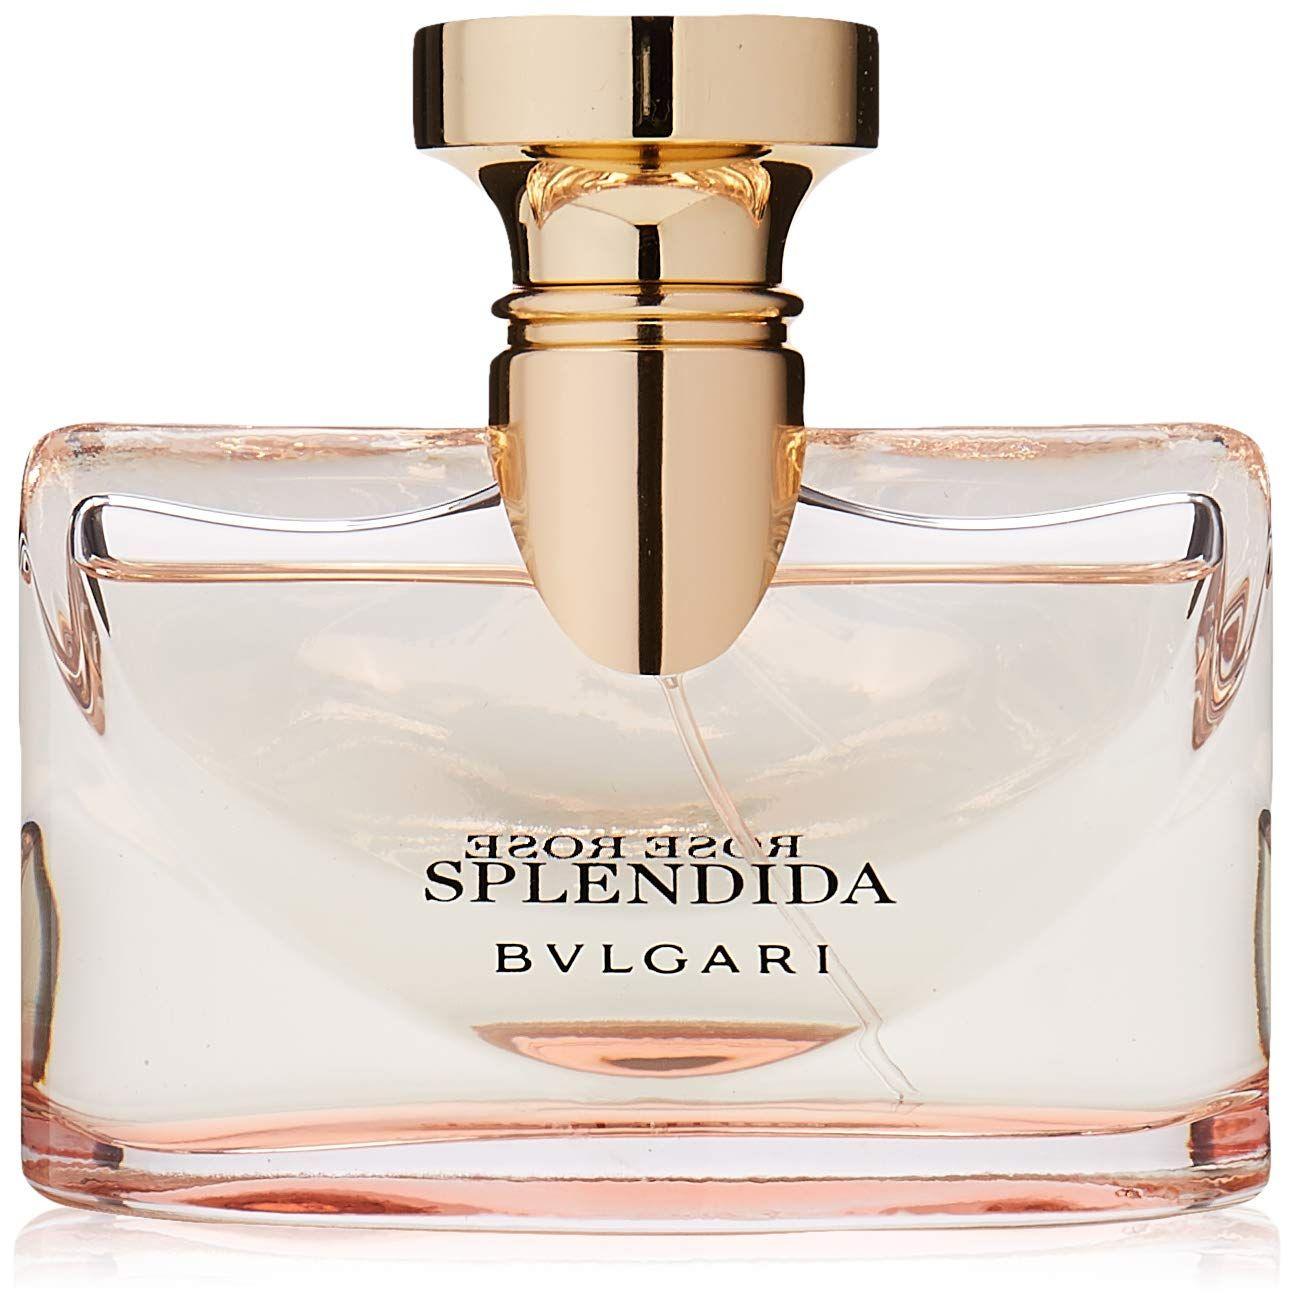 amazon bulgari sensual profumo prezzo